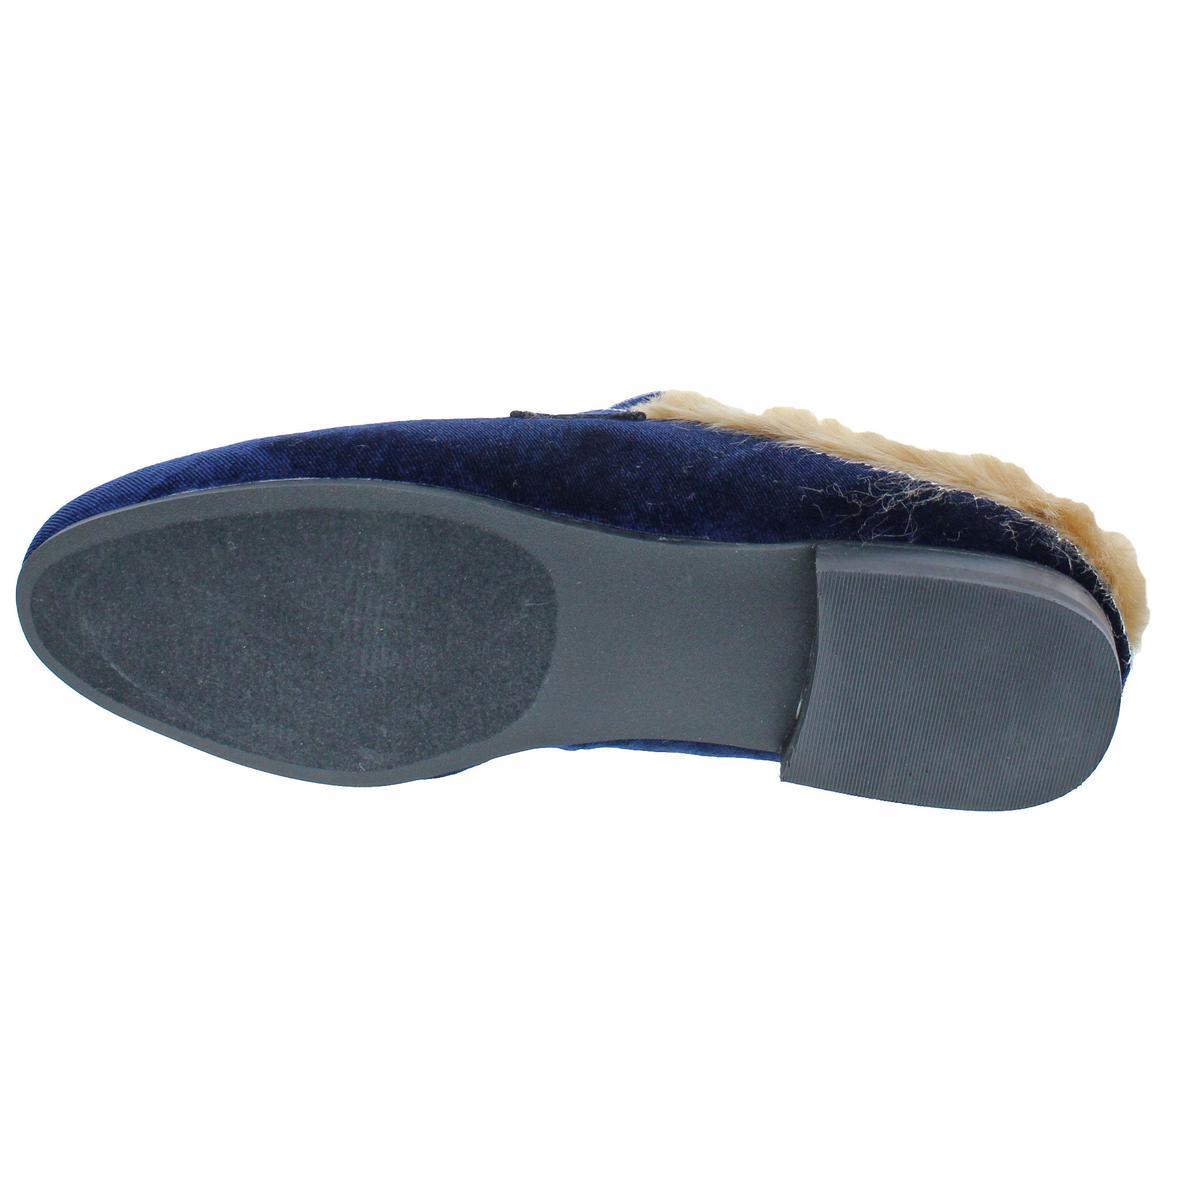 c4f27f4dd7f Steve Madden Kaden Women s Slip On Faux Fur Velvet Loafer Mule Shoe ...